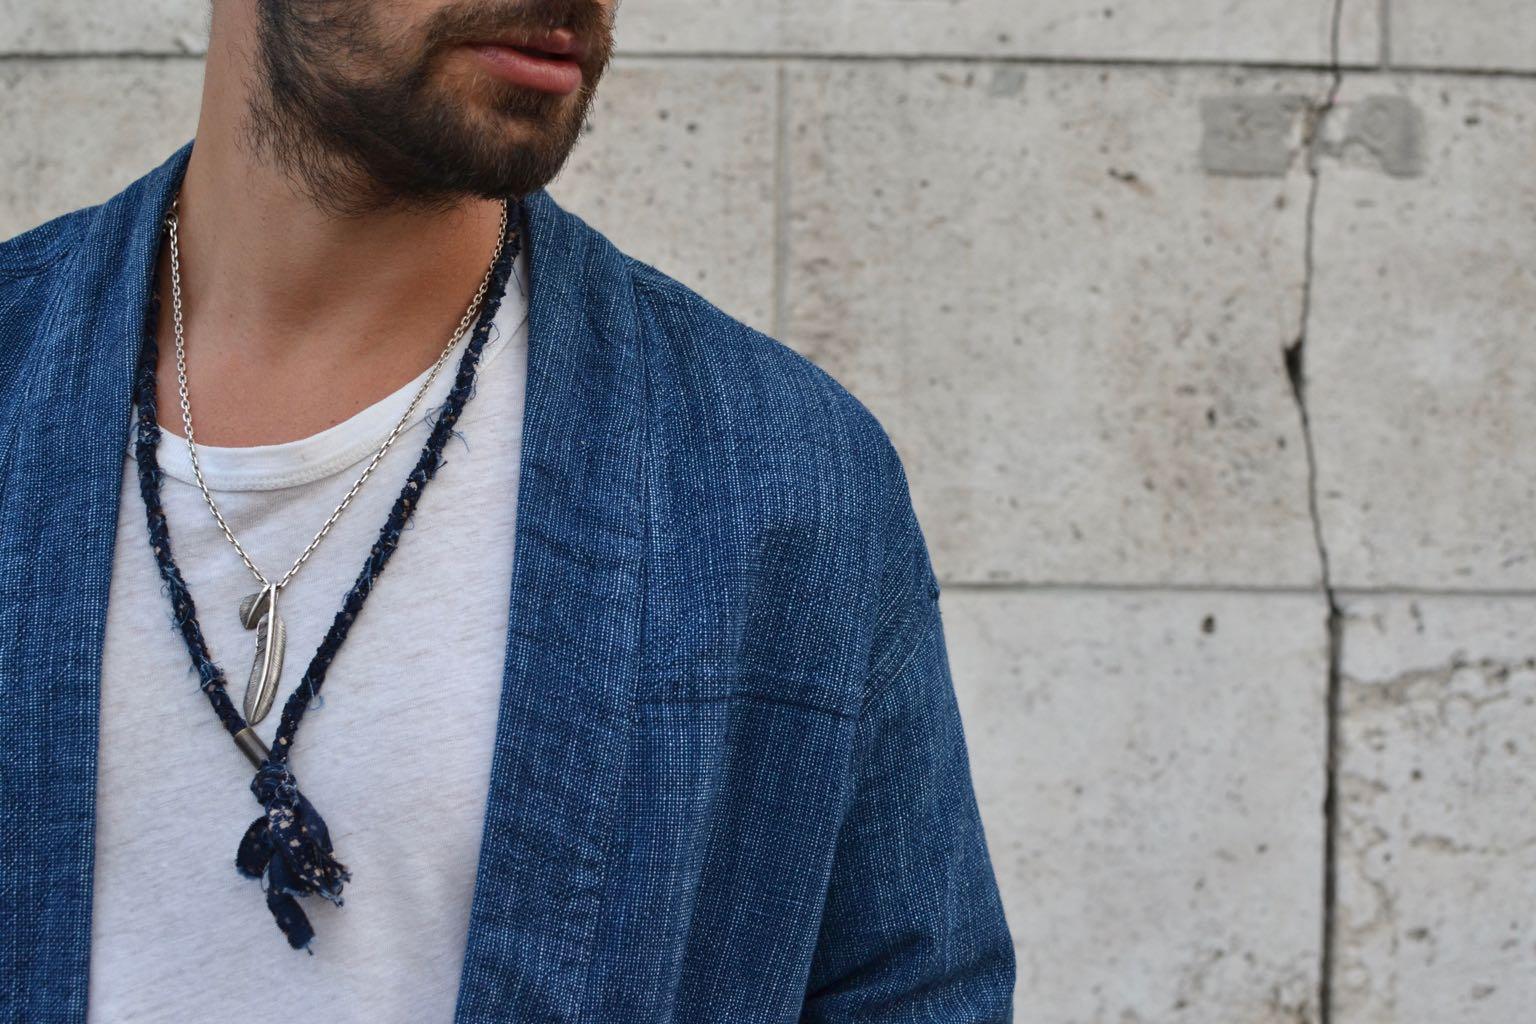 lookbook noragi en coton japonais Borali x bonneguelue et bijoux en argent pour homme bvitnage first arrows et borali